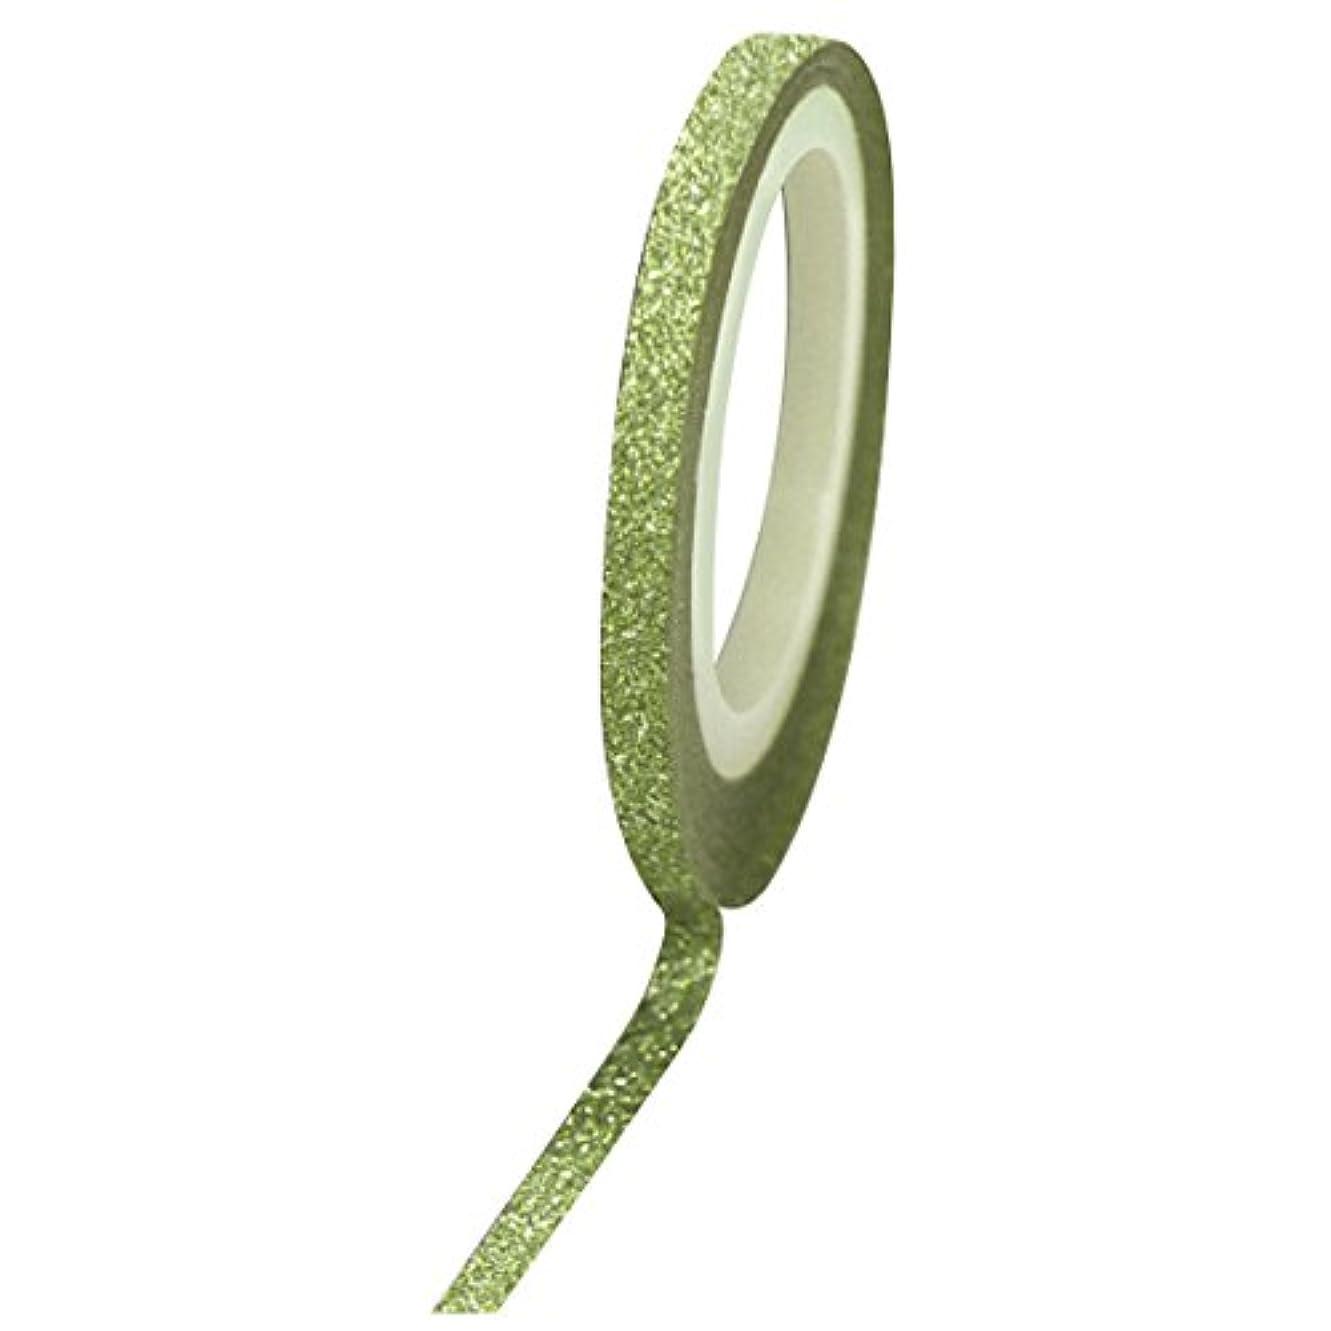 添加剤なめらかなビジュアルBonnail グリッターラインテープ 3mm グリーンラメ